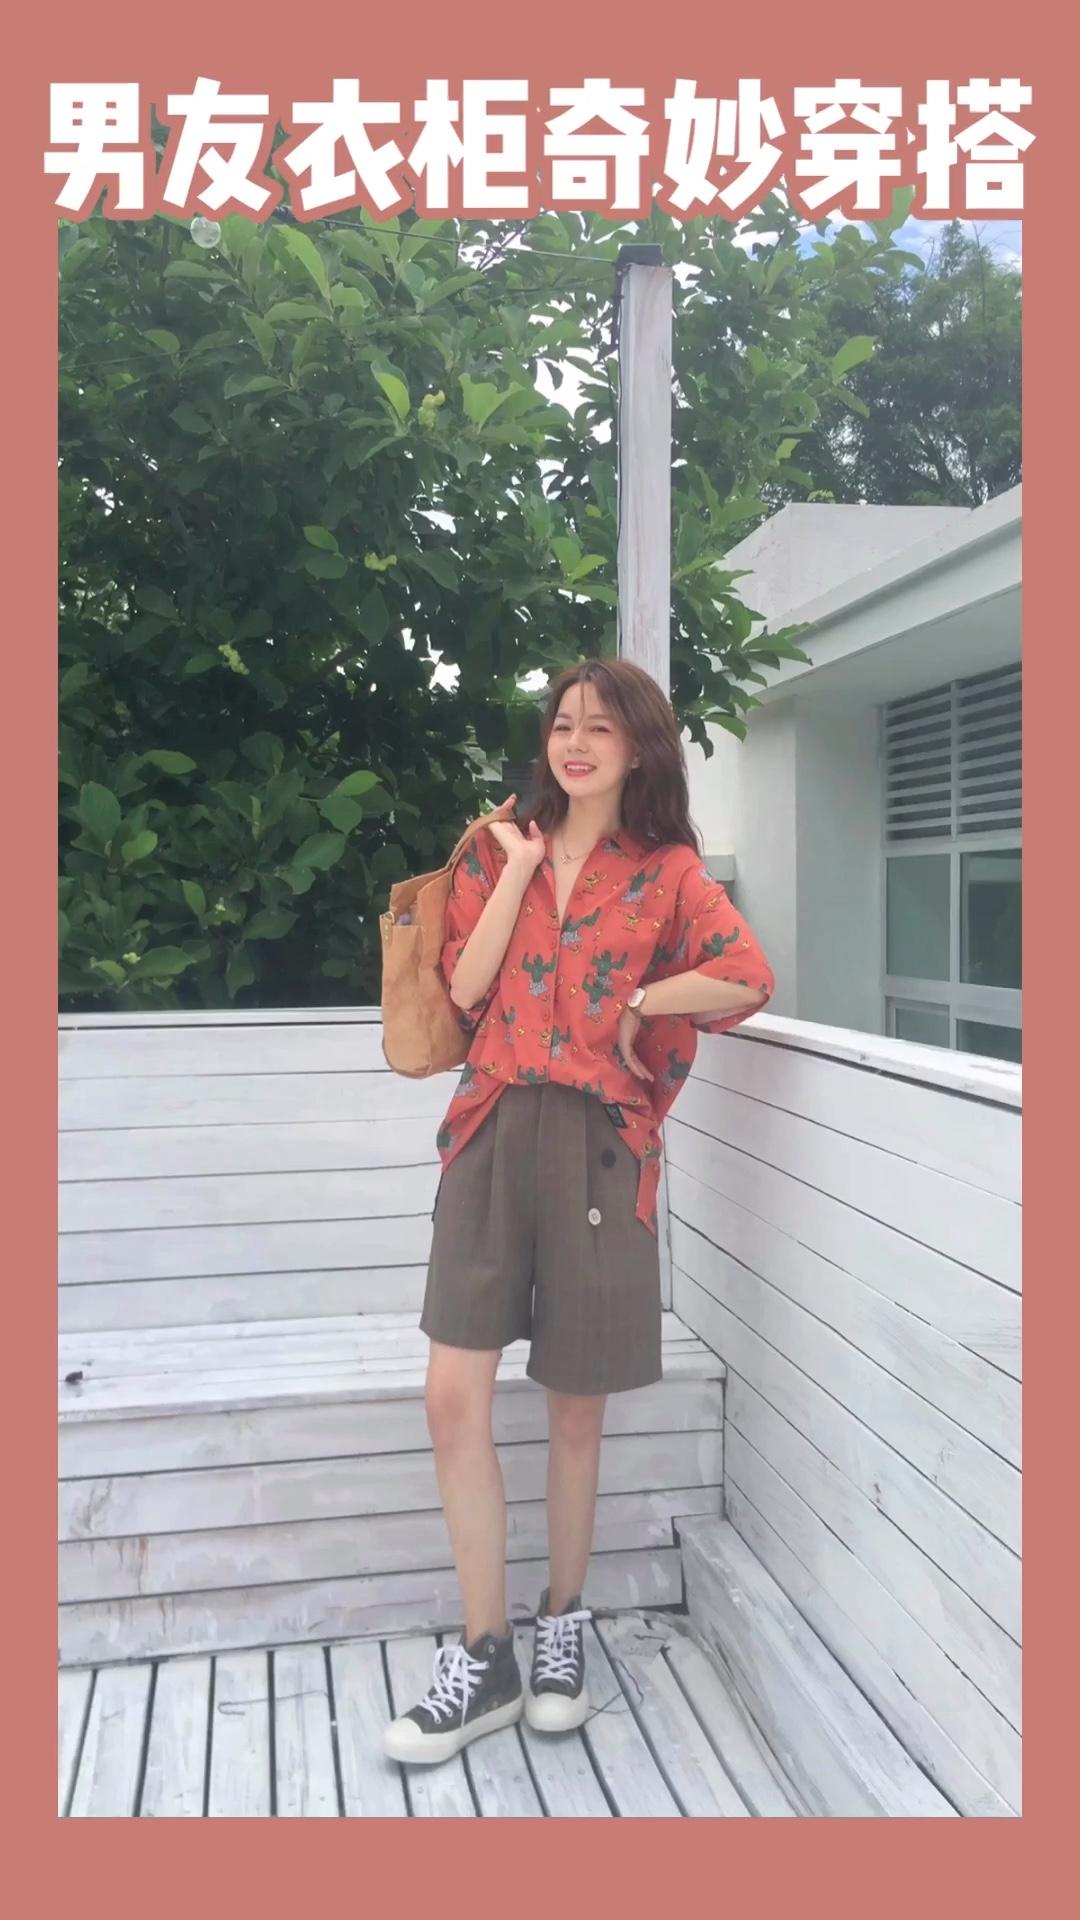 摄影:小鲸鱼 场地:山月空间 #蘑菇街新品测评# 格子拼接休闲短裤 配橘色系涂鸦衬衫  这套真的是出行旅行必备单品 可以说是有一点点的酷 与男友配情侣装也很不错哦